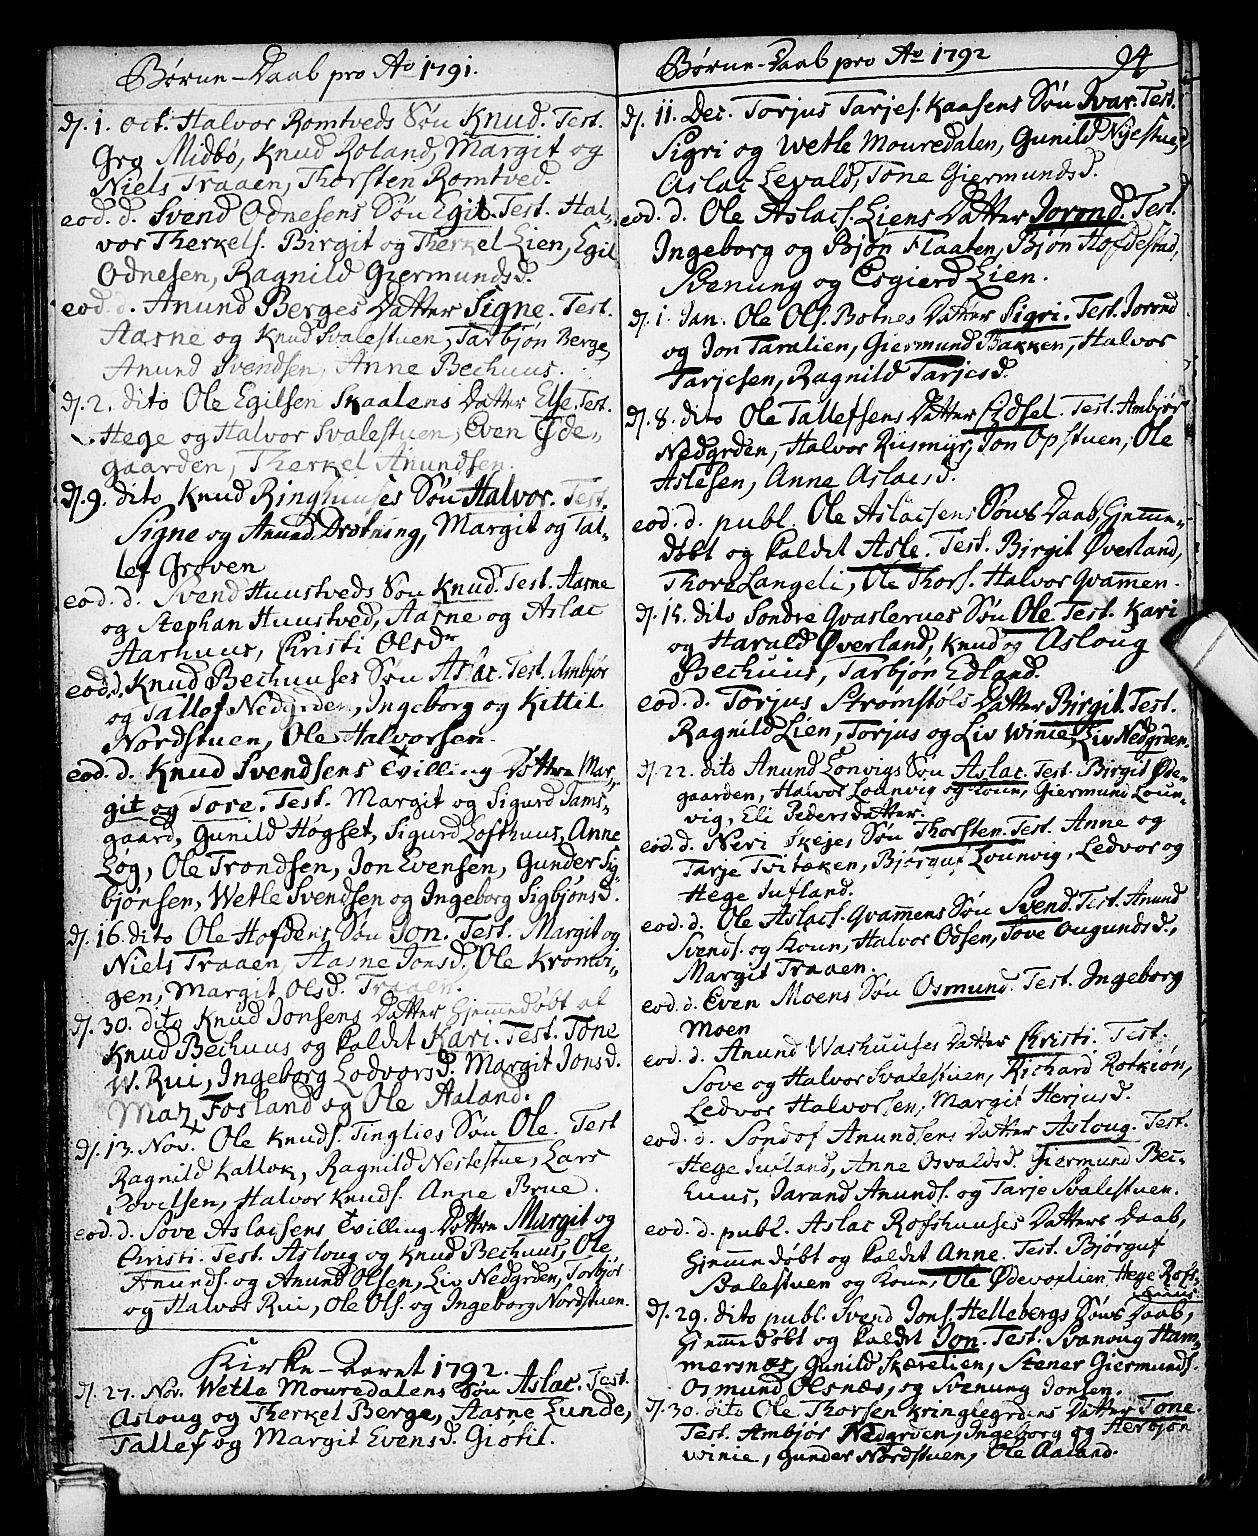 SAKO, Vinje kirkebøker, F/Fa/L0002: Ministerialbok nr. I 2, 1767-1814, s. 94